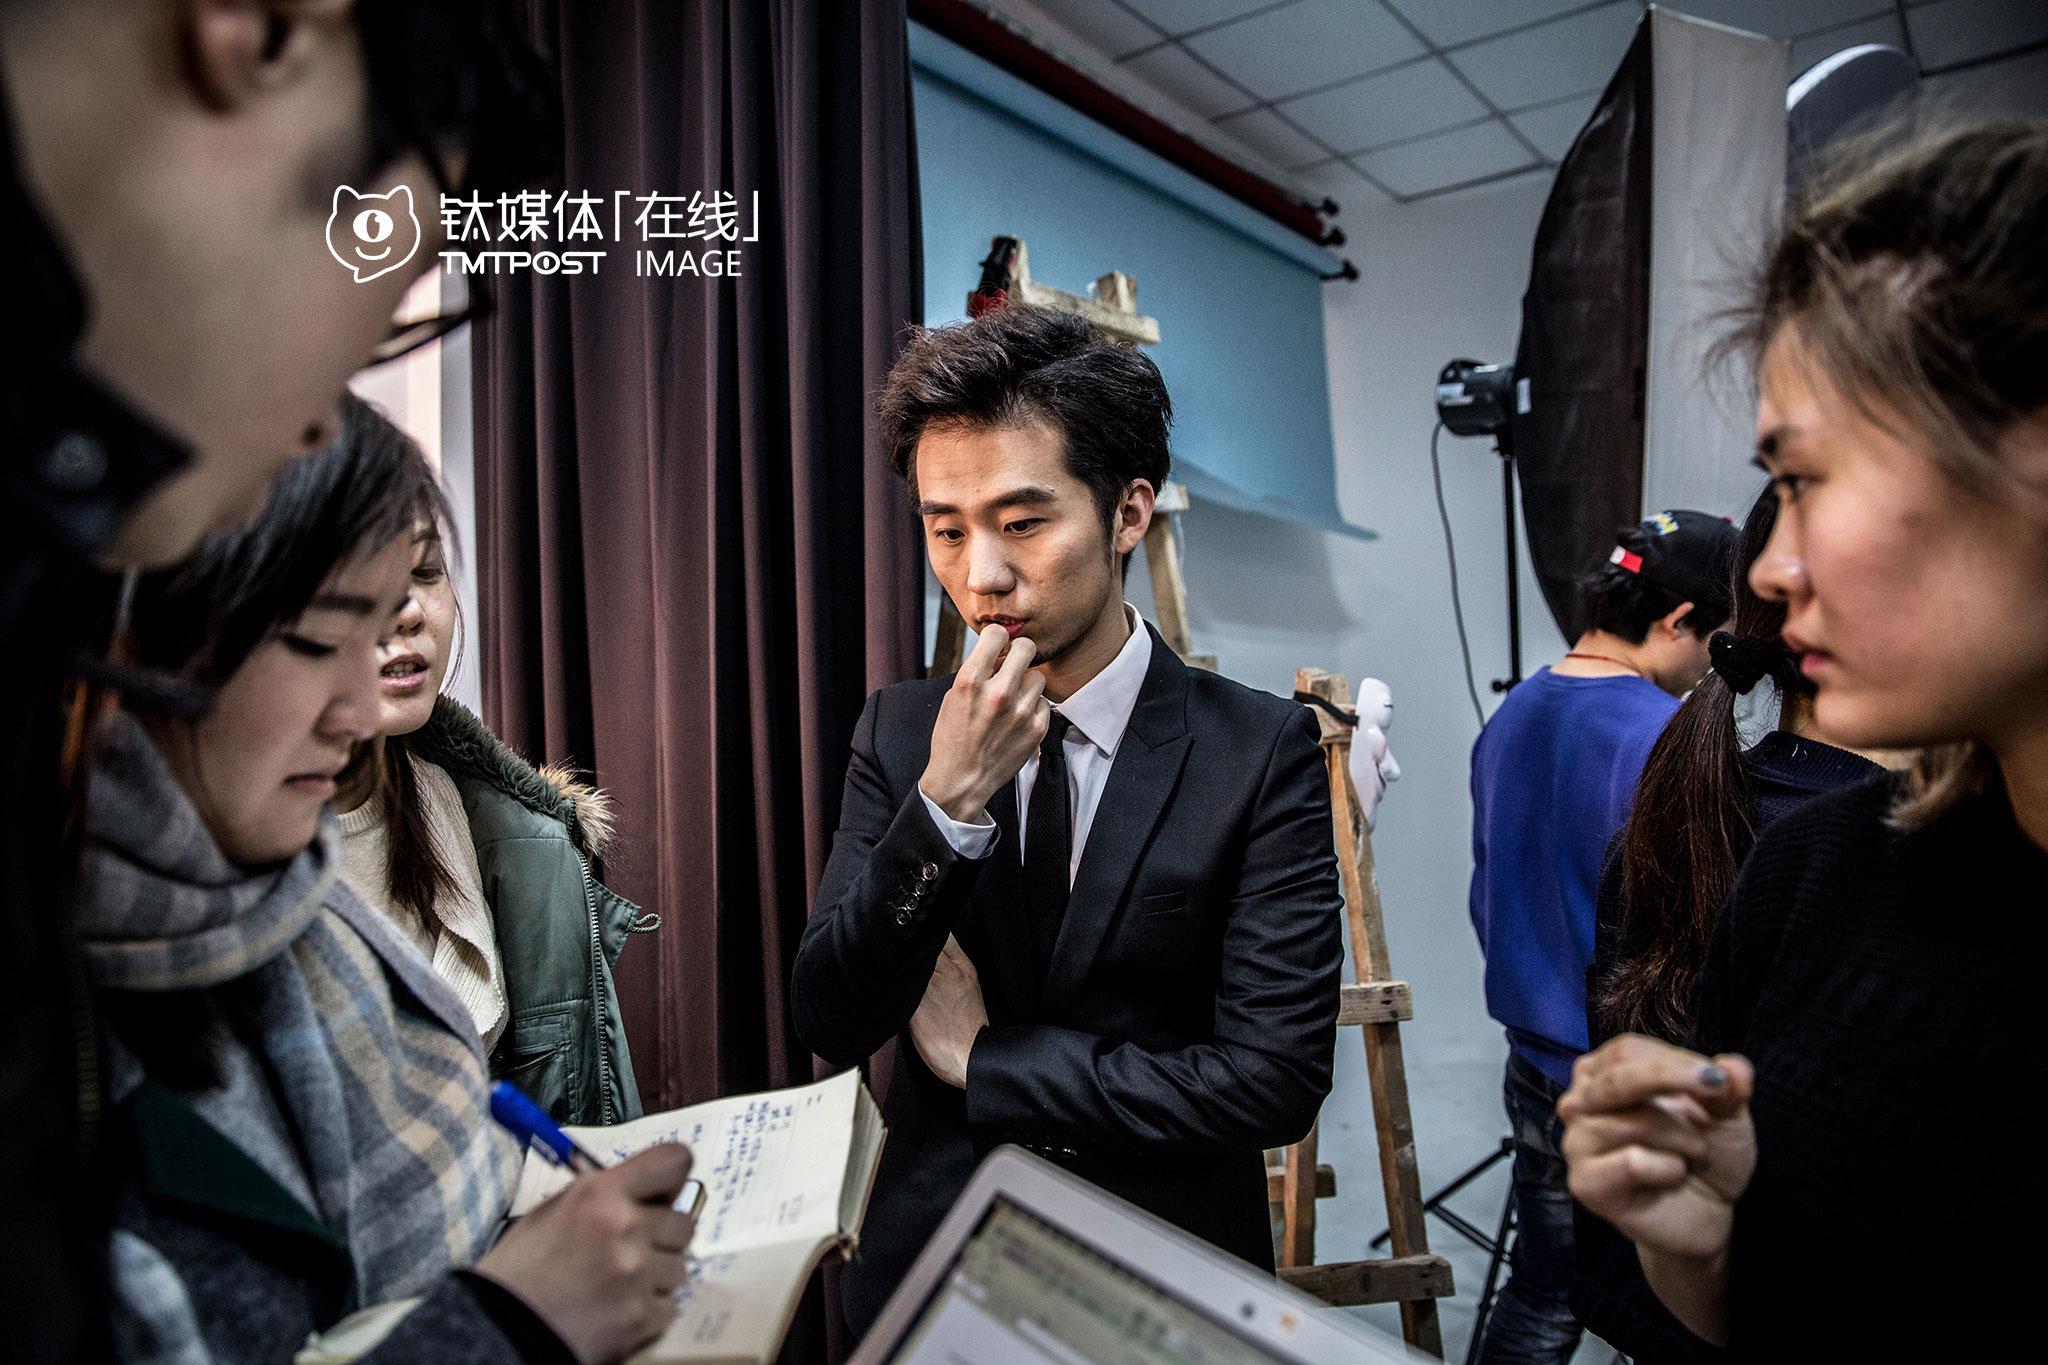 化妆间隙,销售团队与导演刘循子墨商量第二季中可能实现的线下商品定制。